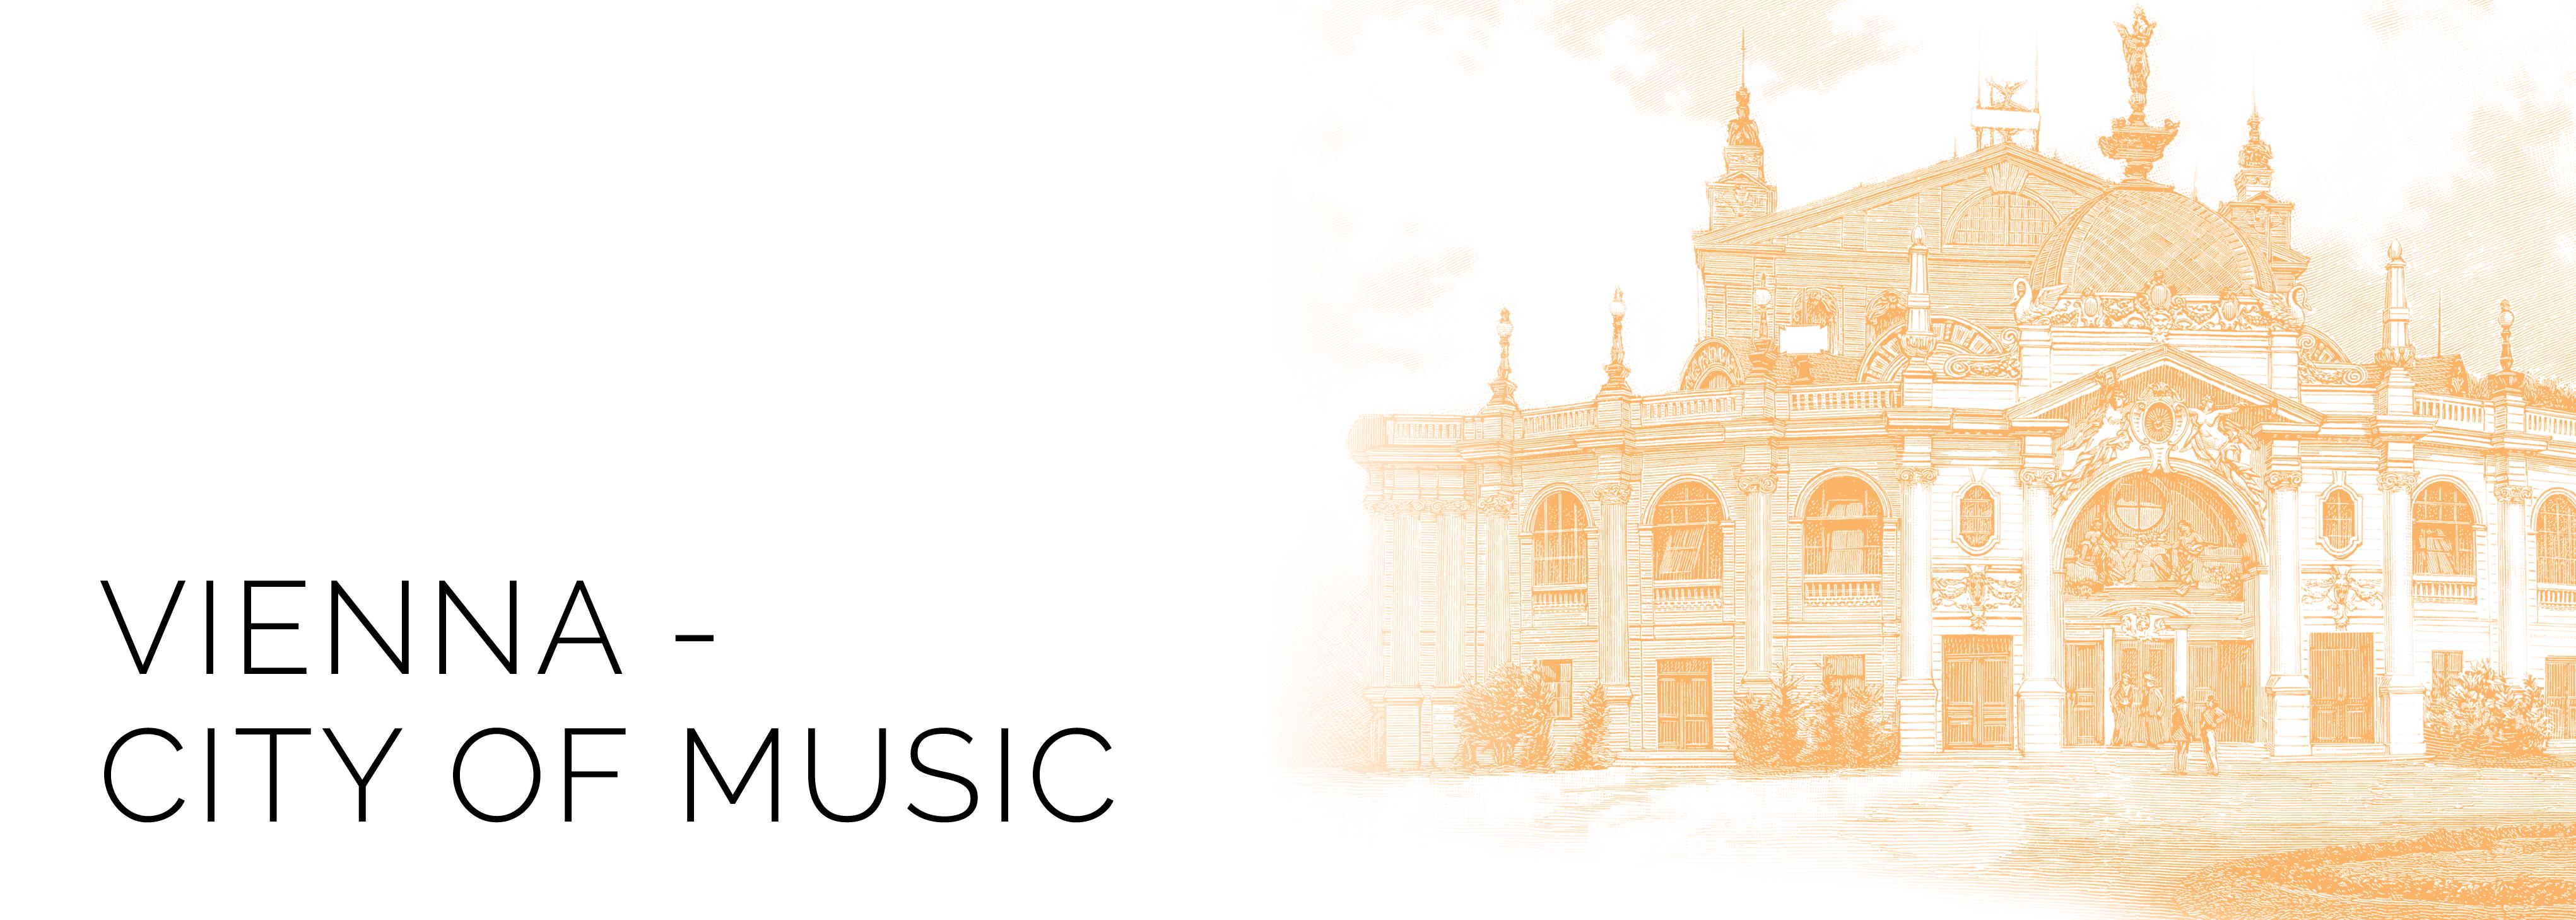 Vienna - City of Music